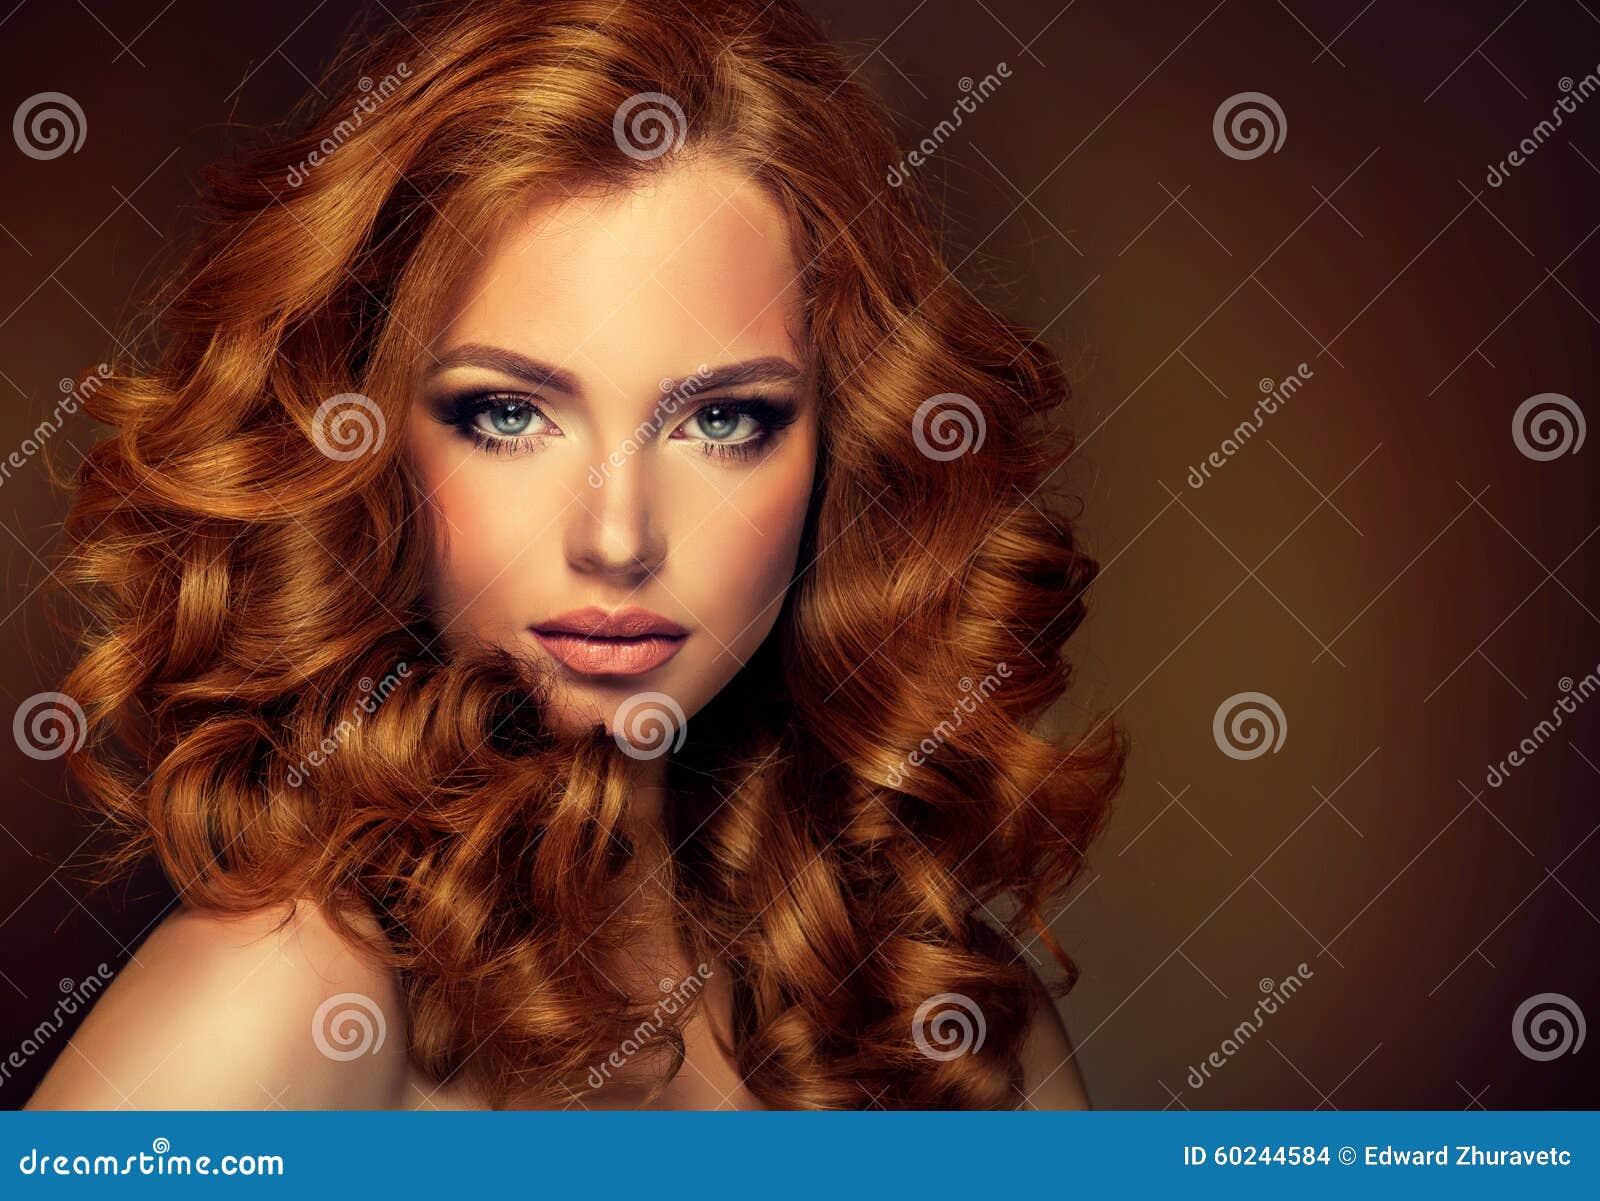 Meisjesmodel met lang krullend rood haar